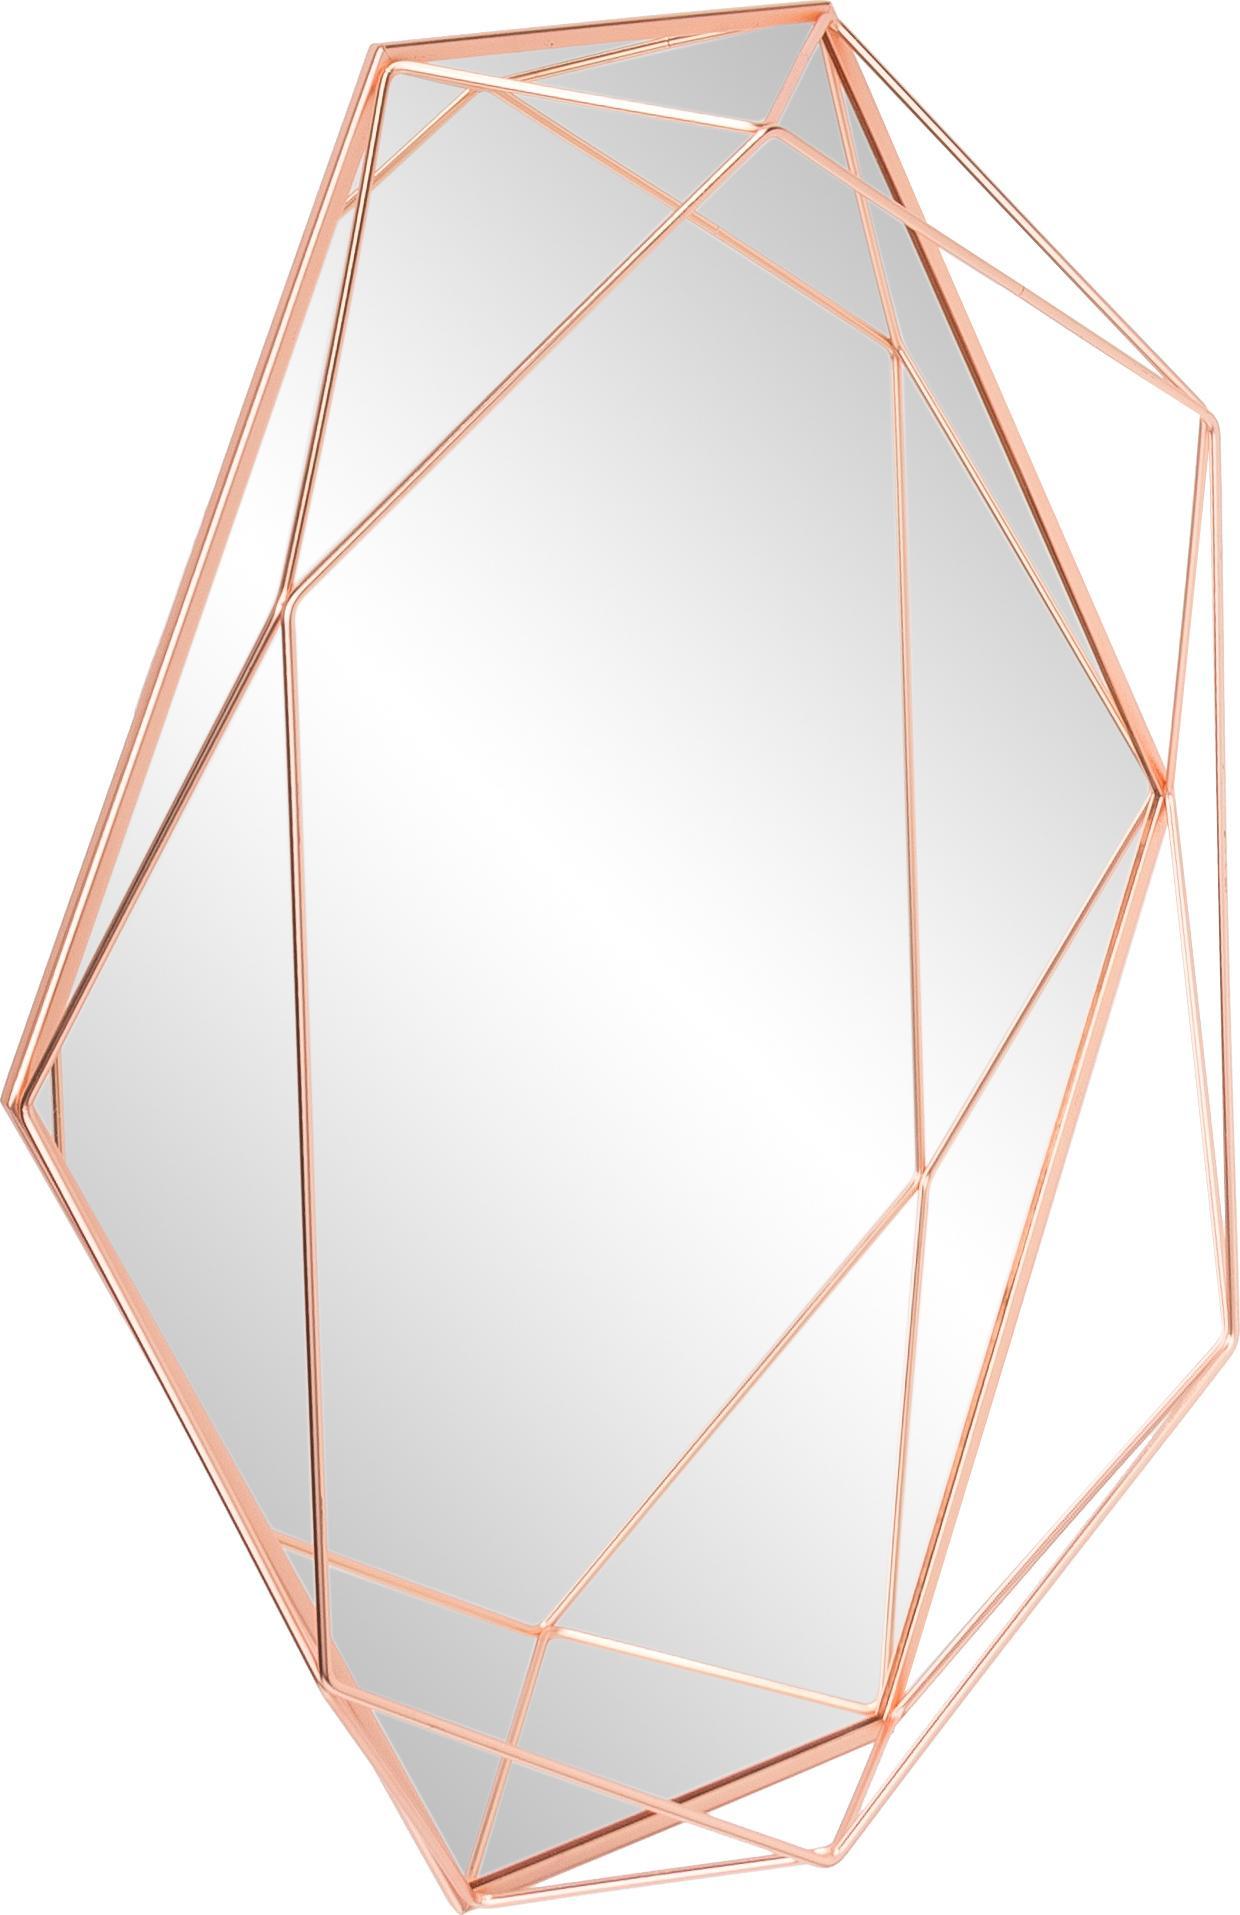 Ovale wandspiegel Prisma met koperkleurige lijst, Lijst: verkoperd staal, Koperkleurig, 43 x 57 cm